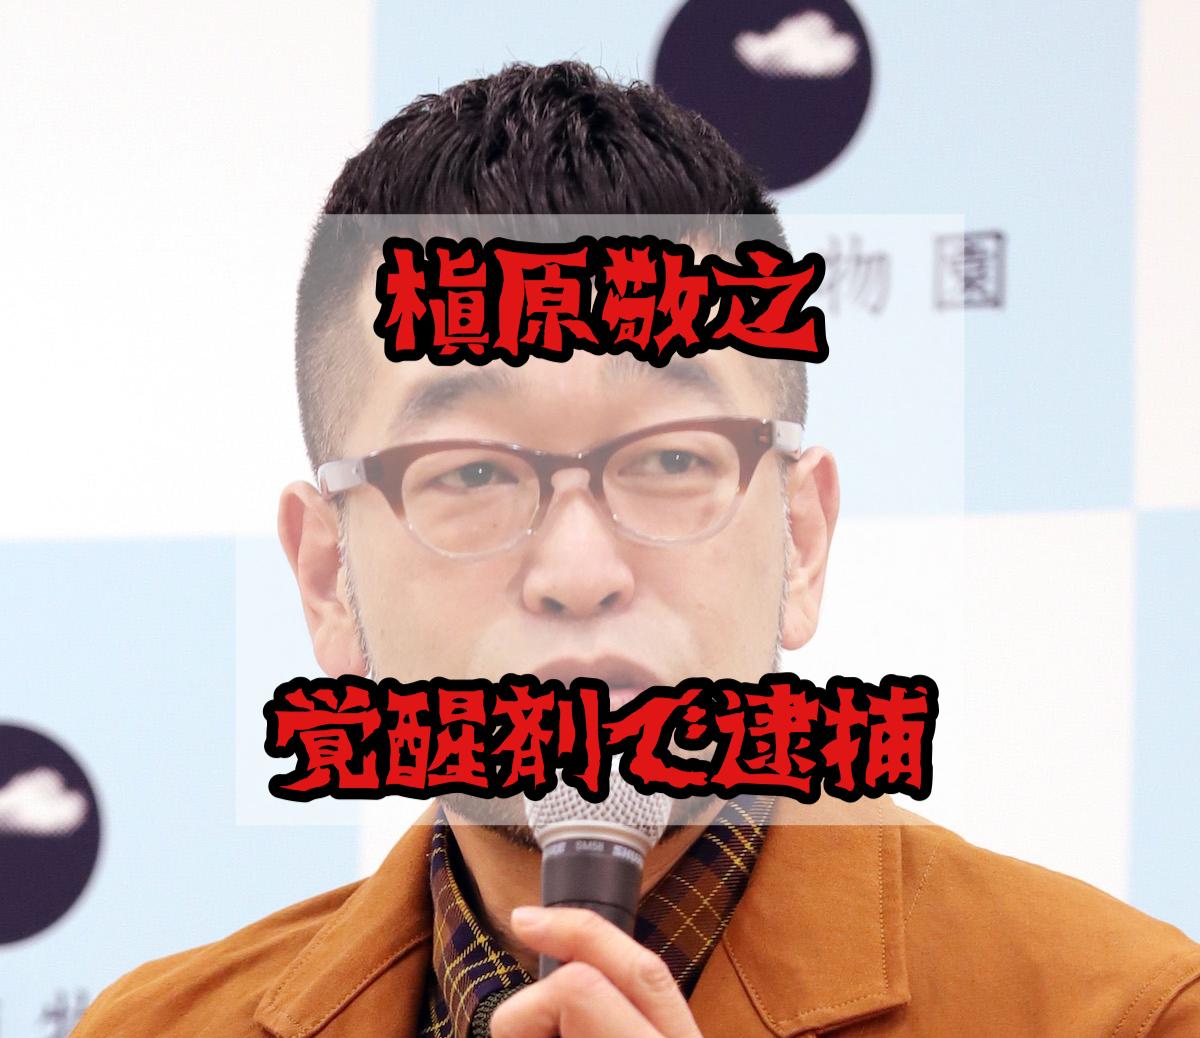 覚醒剤 槇原